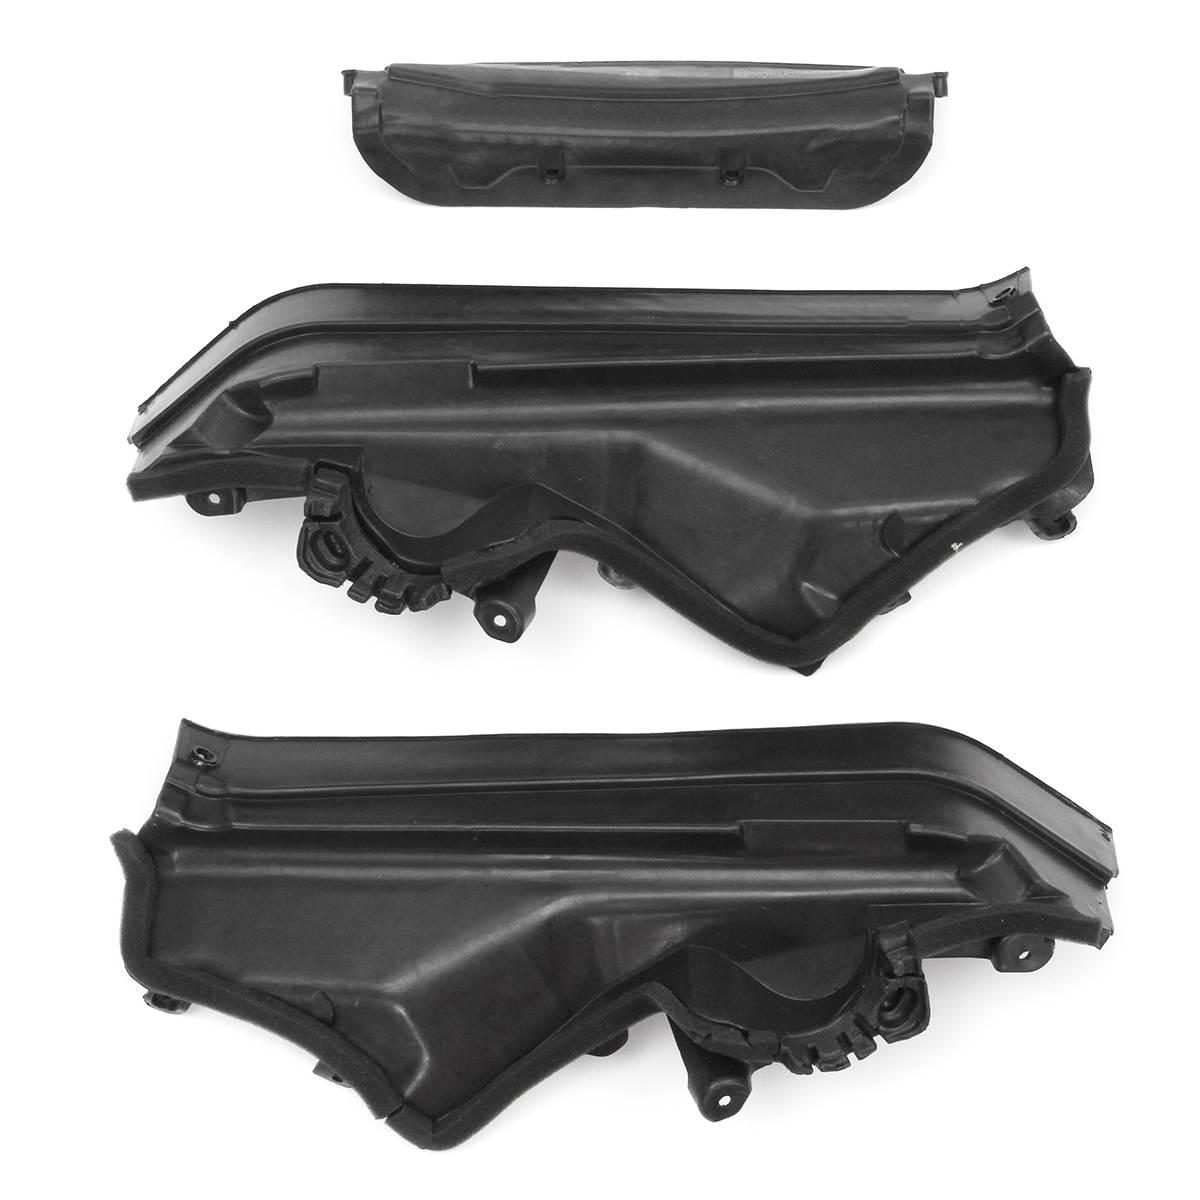 Haute qualité 3 pièces voiture moteur compartiment supérieur panneau de séparation ensemble pour BMW X5 X6 E70 E71 E72 51717169419 51717169420 51717169421